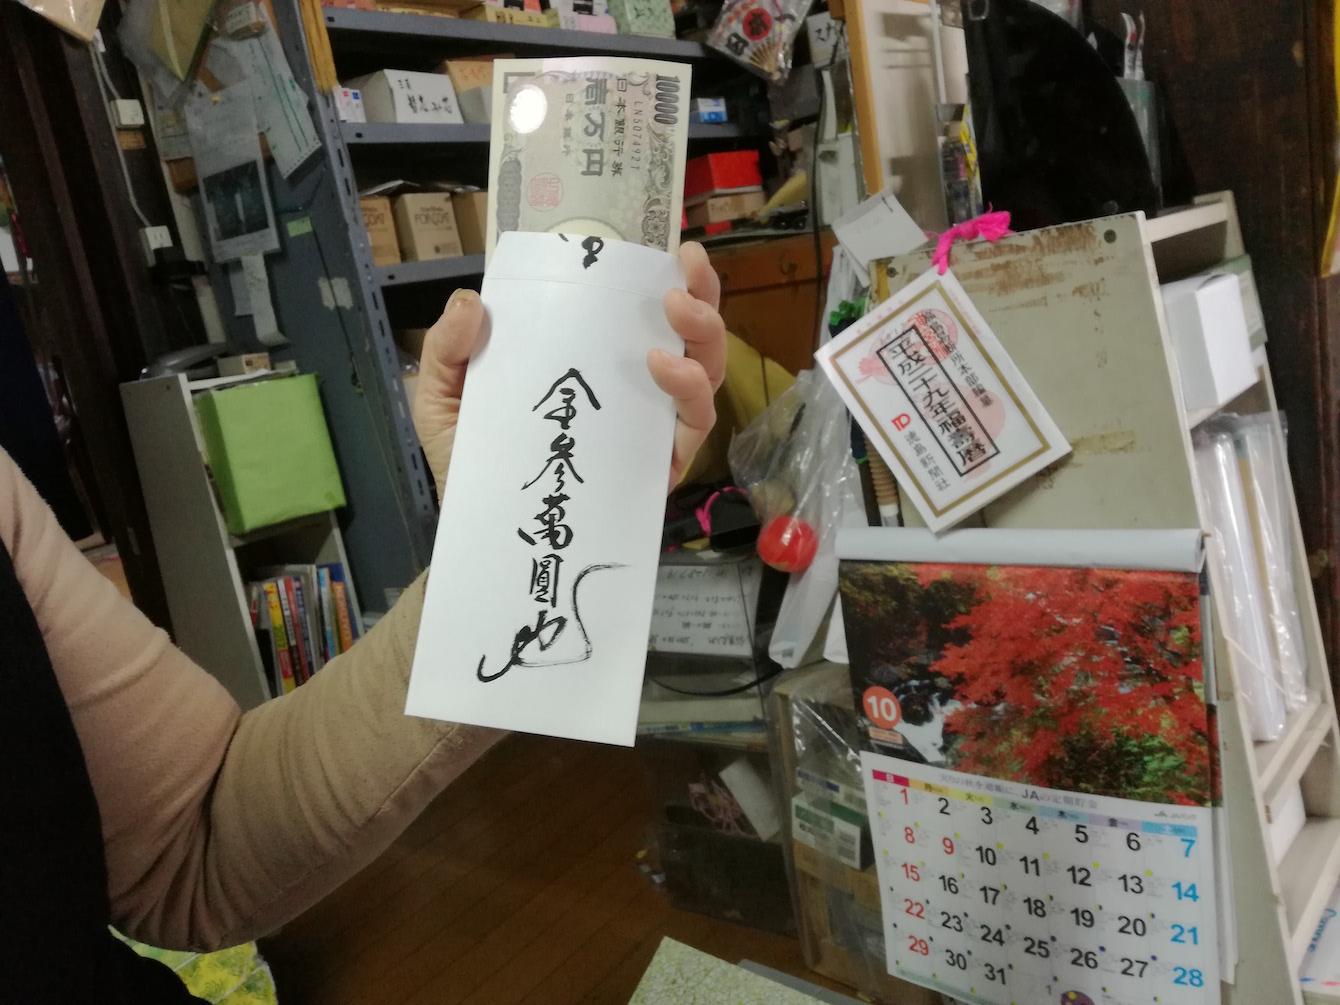 「也」の字が龍のように上に昇っています。ご祝儀袋の中袋なので縁起良く。